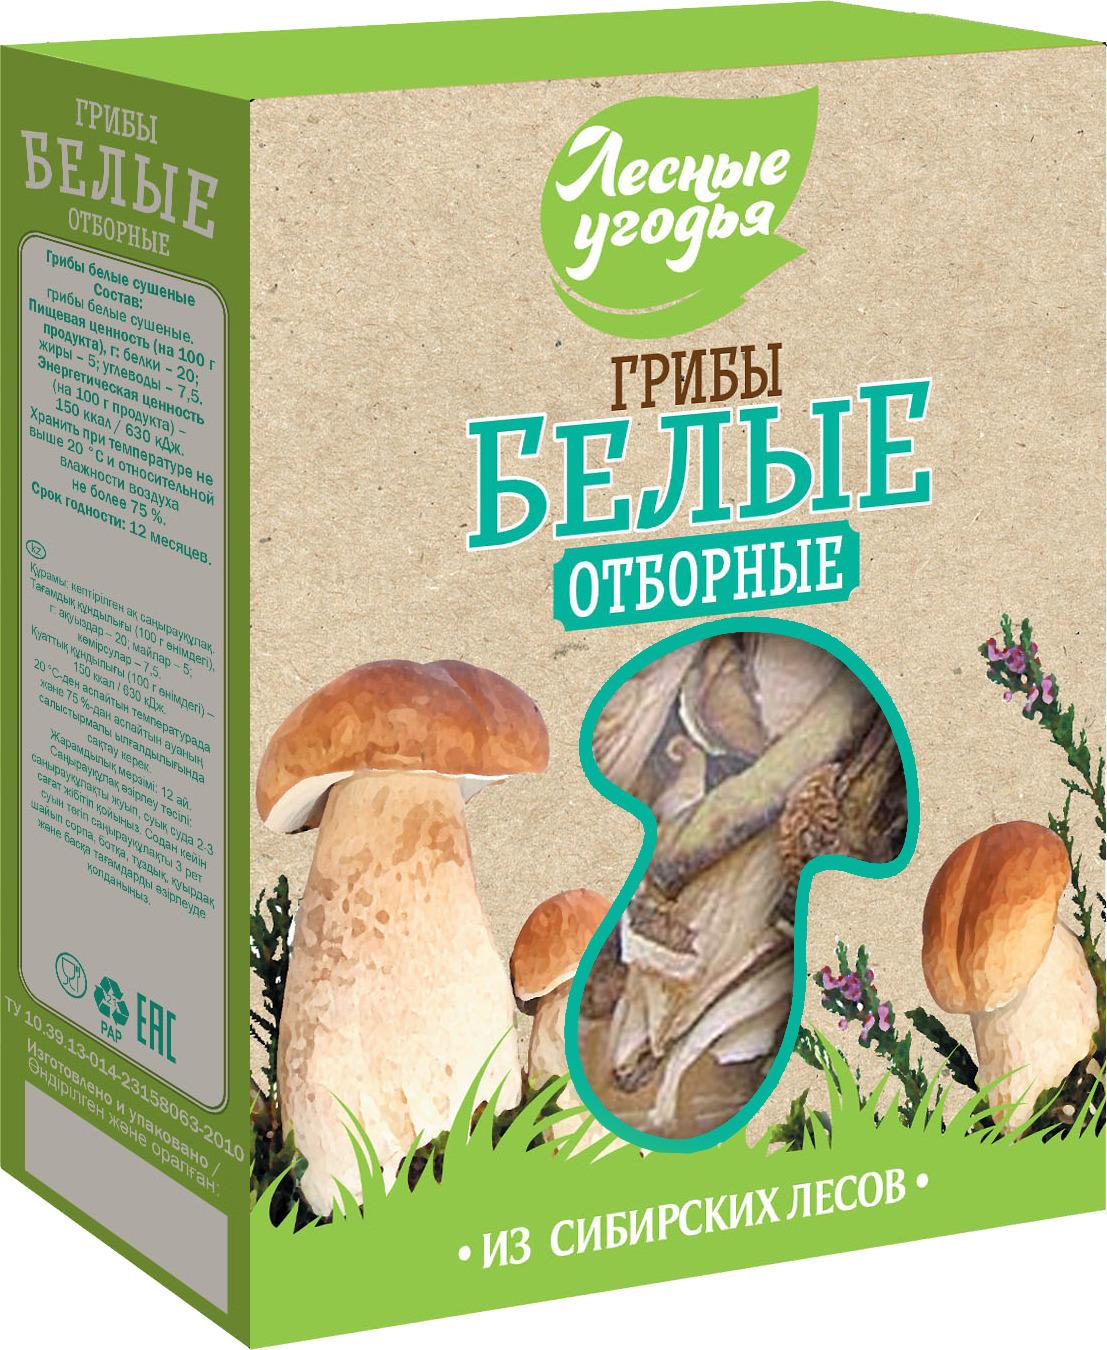 Белые грибы сушеные Лесные Угодья, отборные, 40 г Лесные Угодья